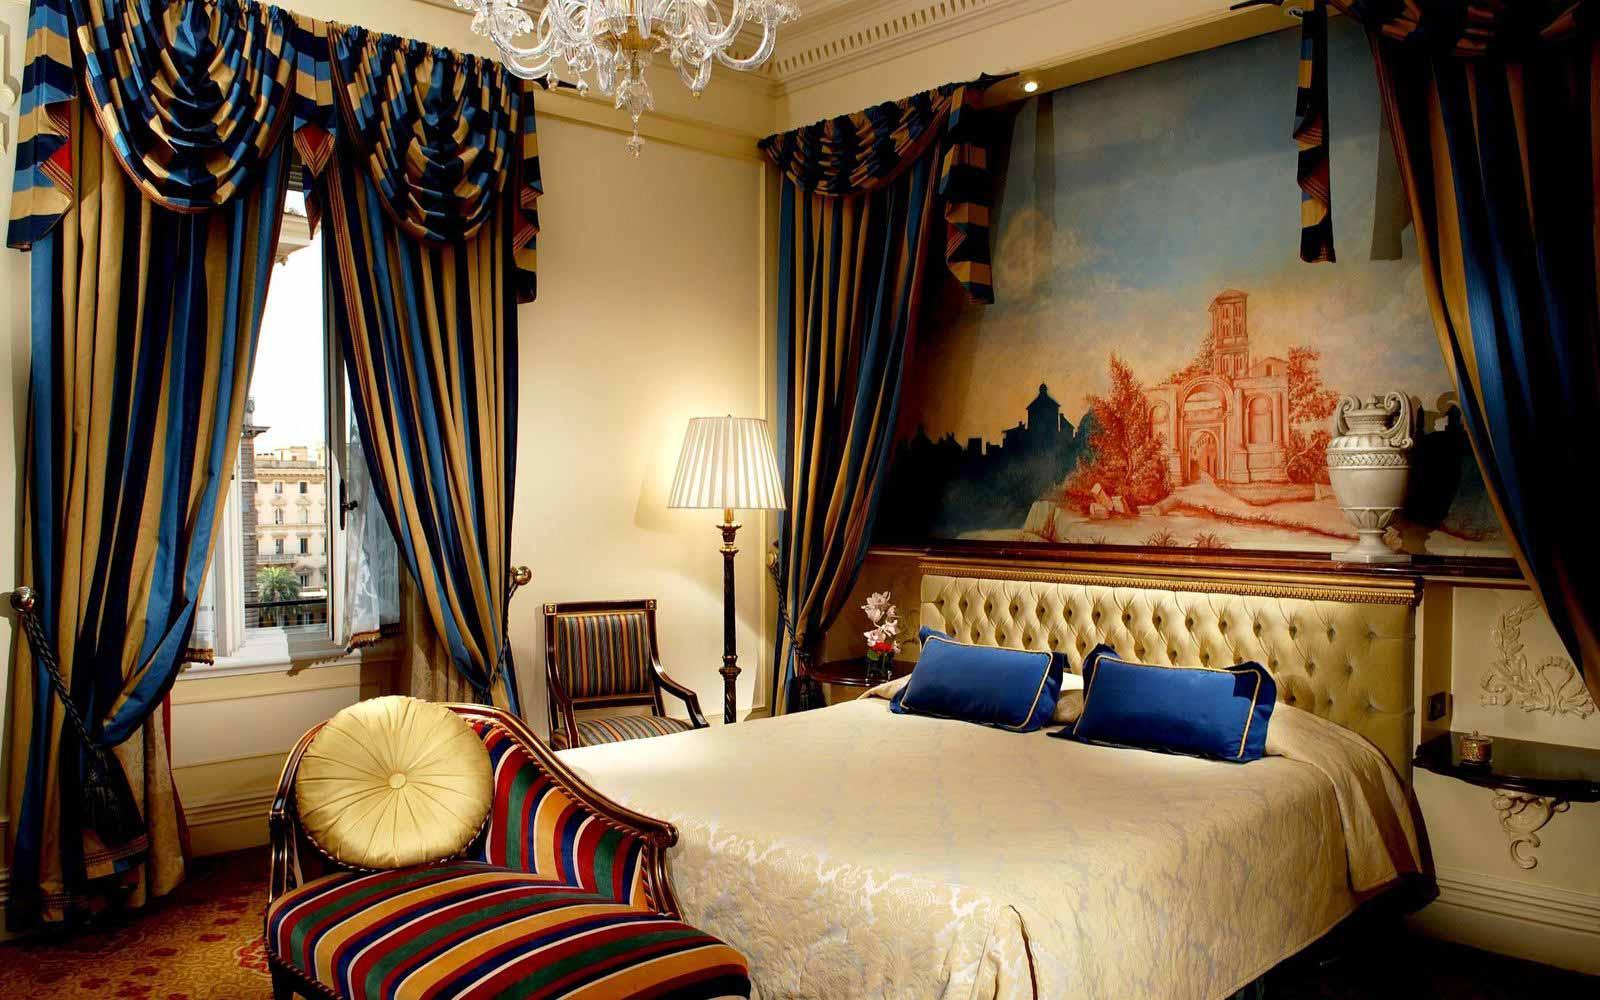 Superior room at St. Regis Grand Hotel